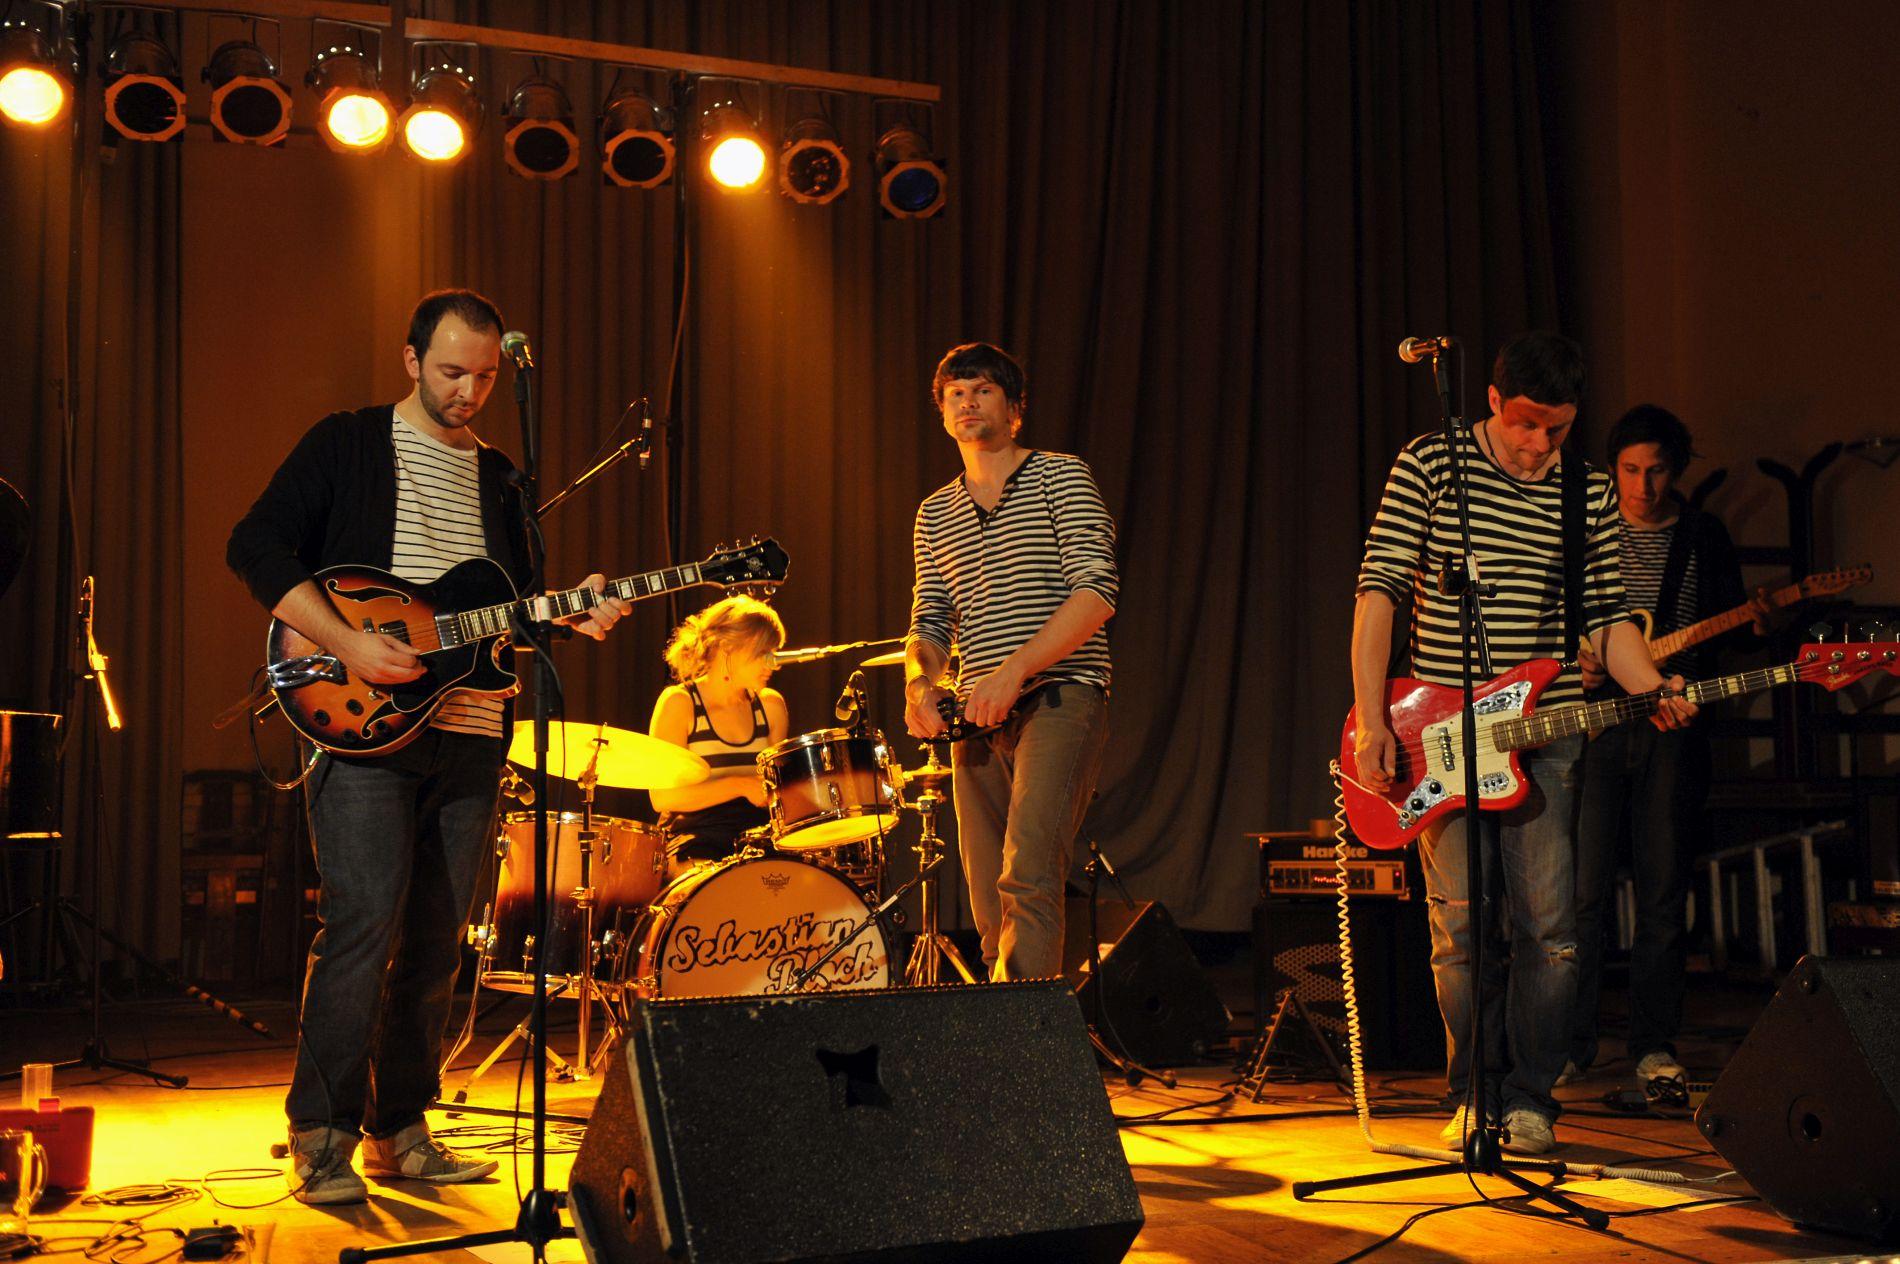 RB_048_XX_TH_2011_Musiktag_003_foto_karsten_schaarschmidt.jpg